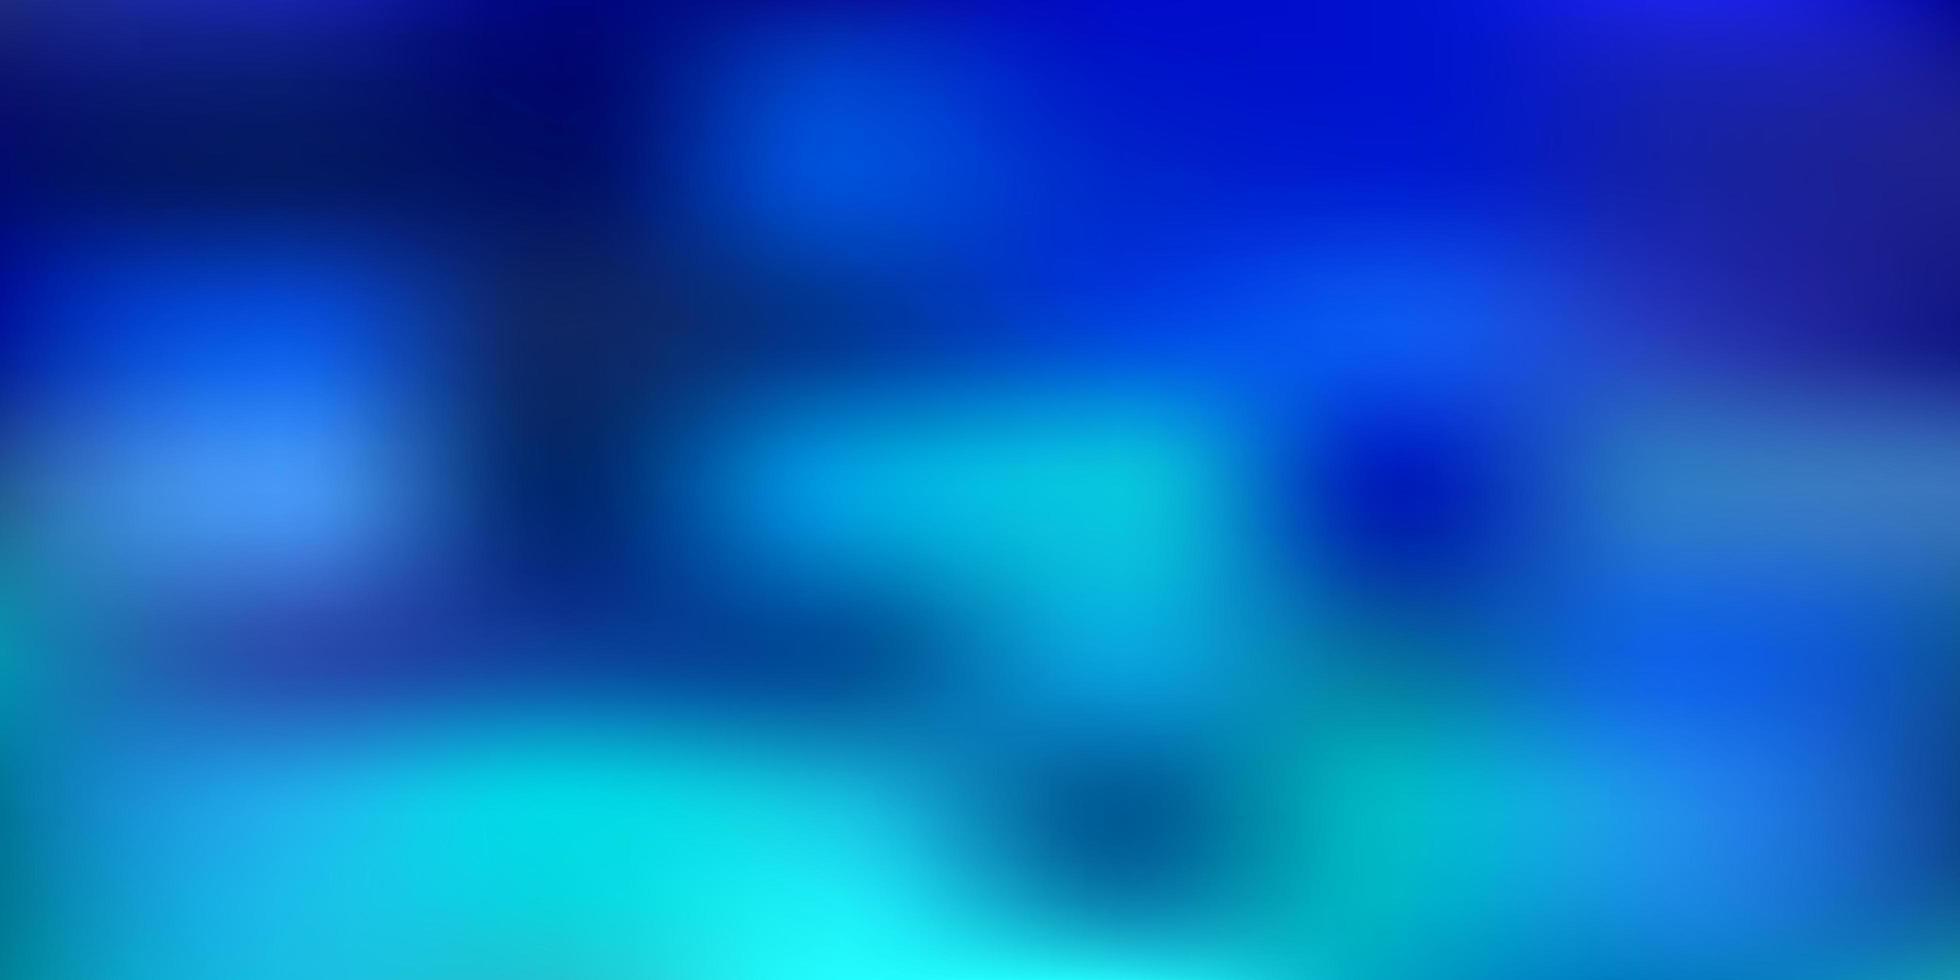 hellblaues Vektorunschärfemuster. vektor